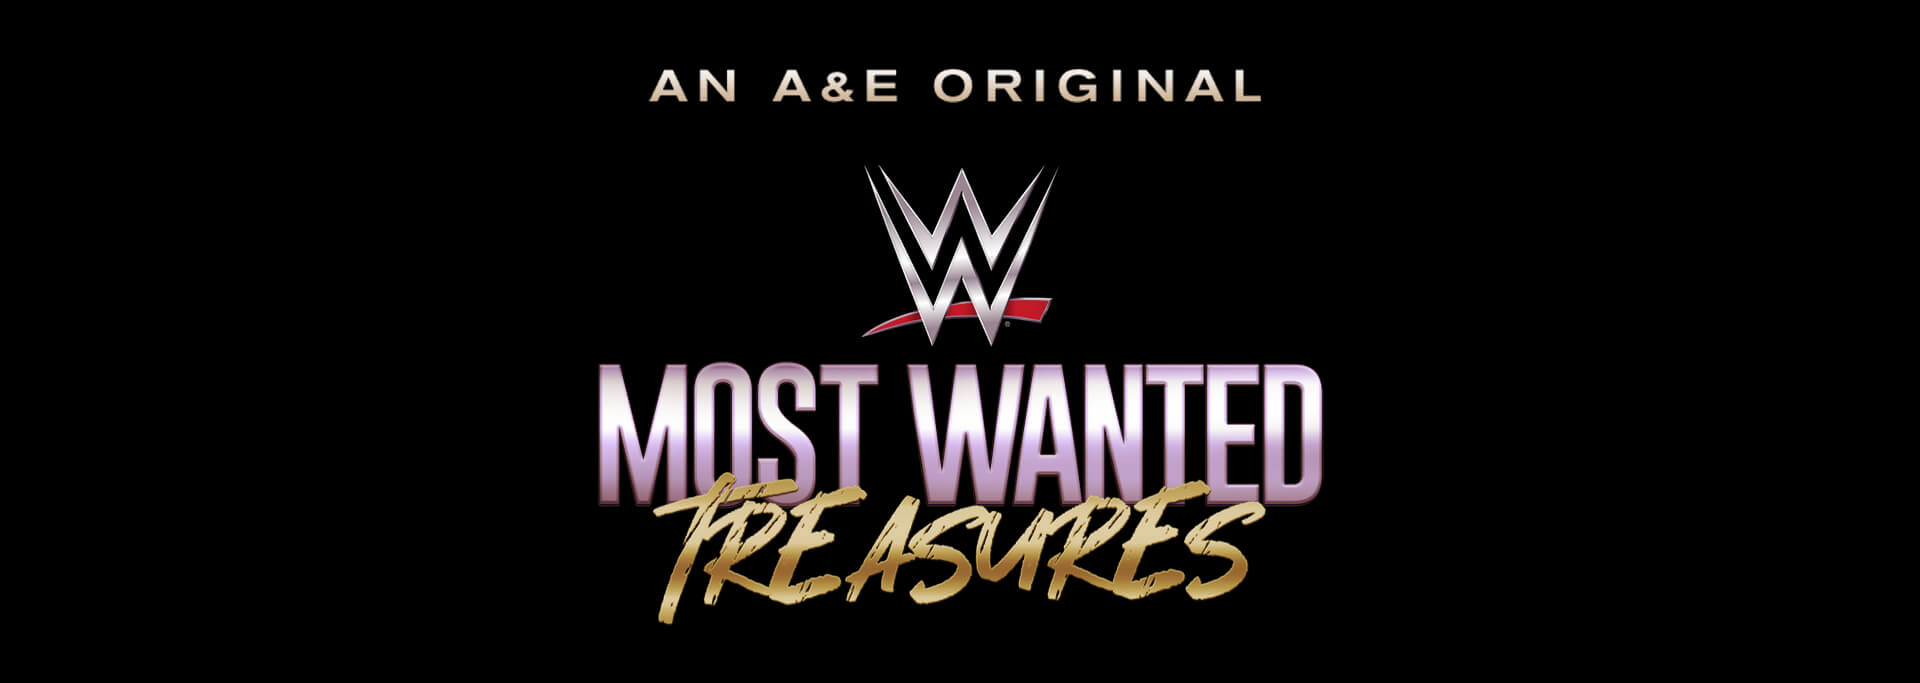 wantedtreasures_logo